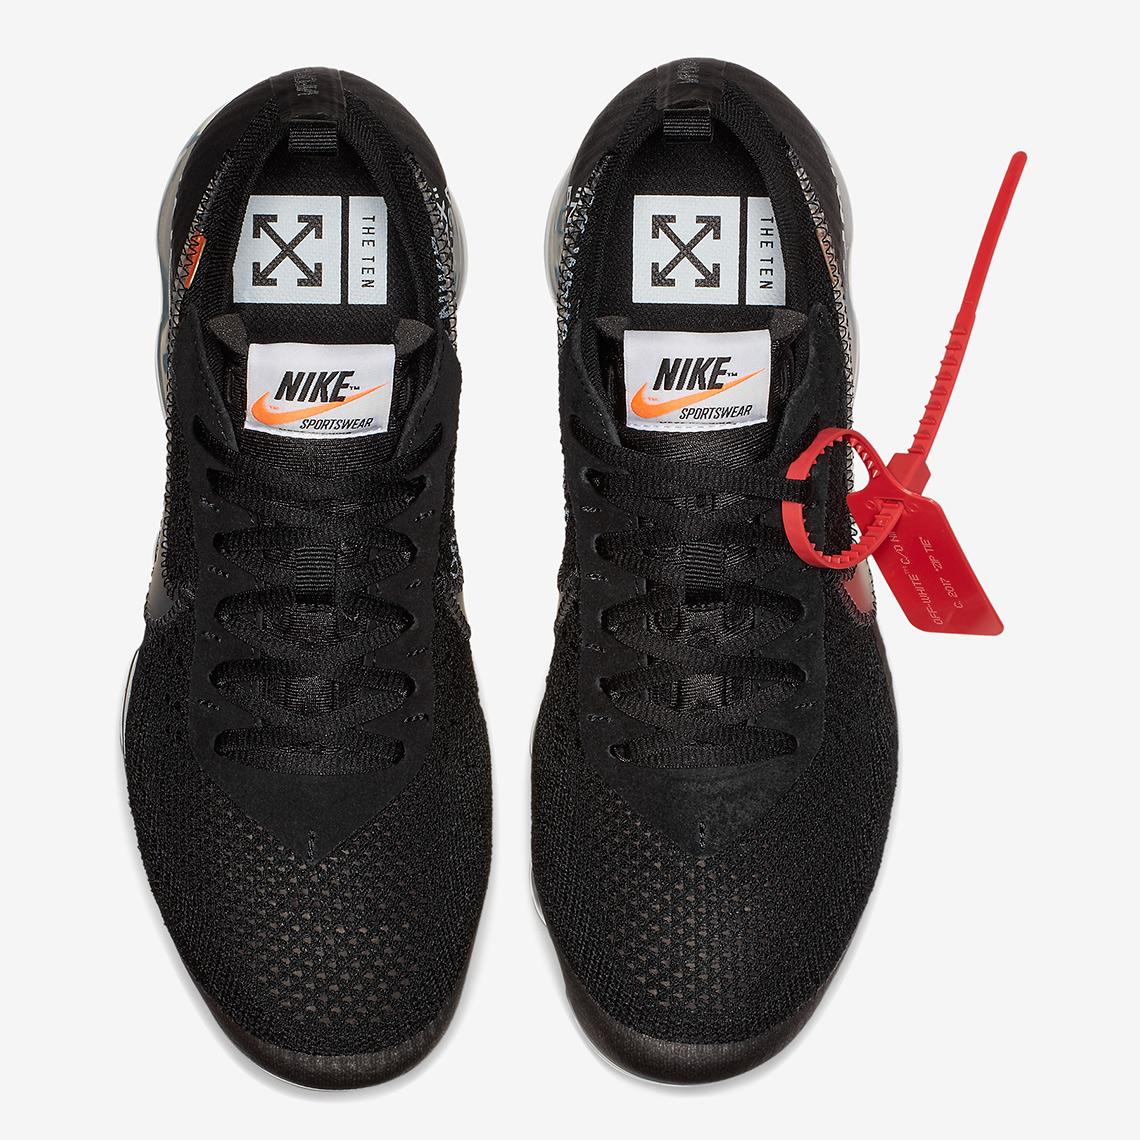 Nike Vapormax De Blanco Venta 2018 Nordstrom gUGZ4T